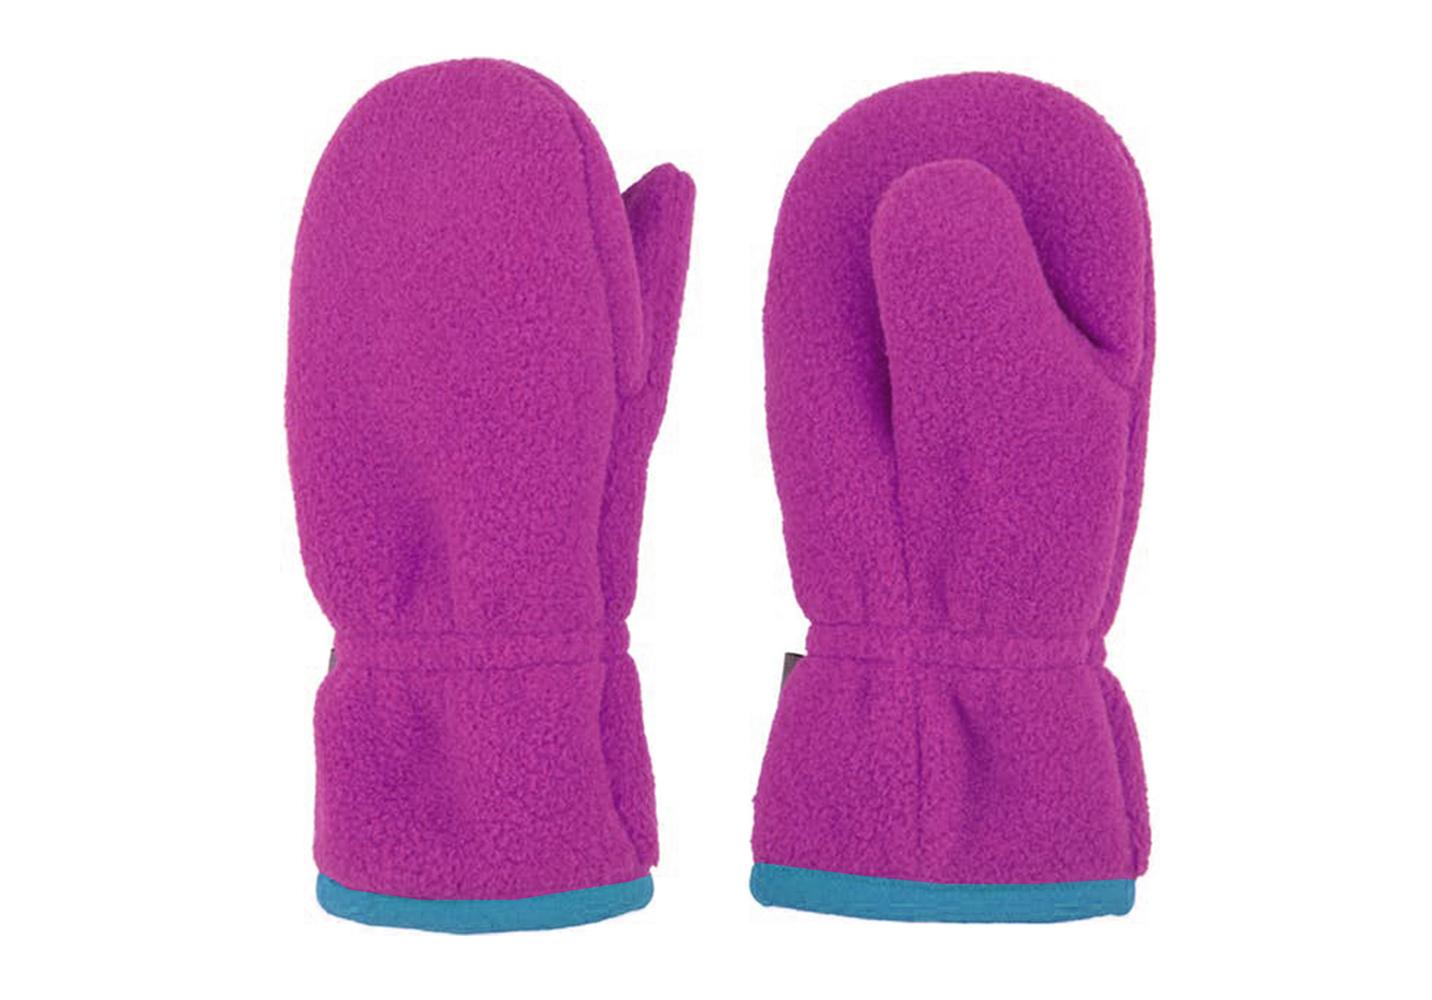 Polyester Fleece Glove with Microfleece lining-IWG-029